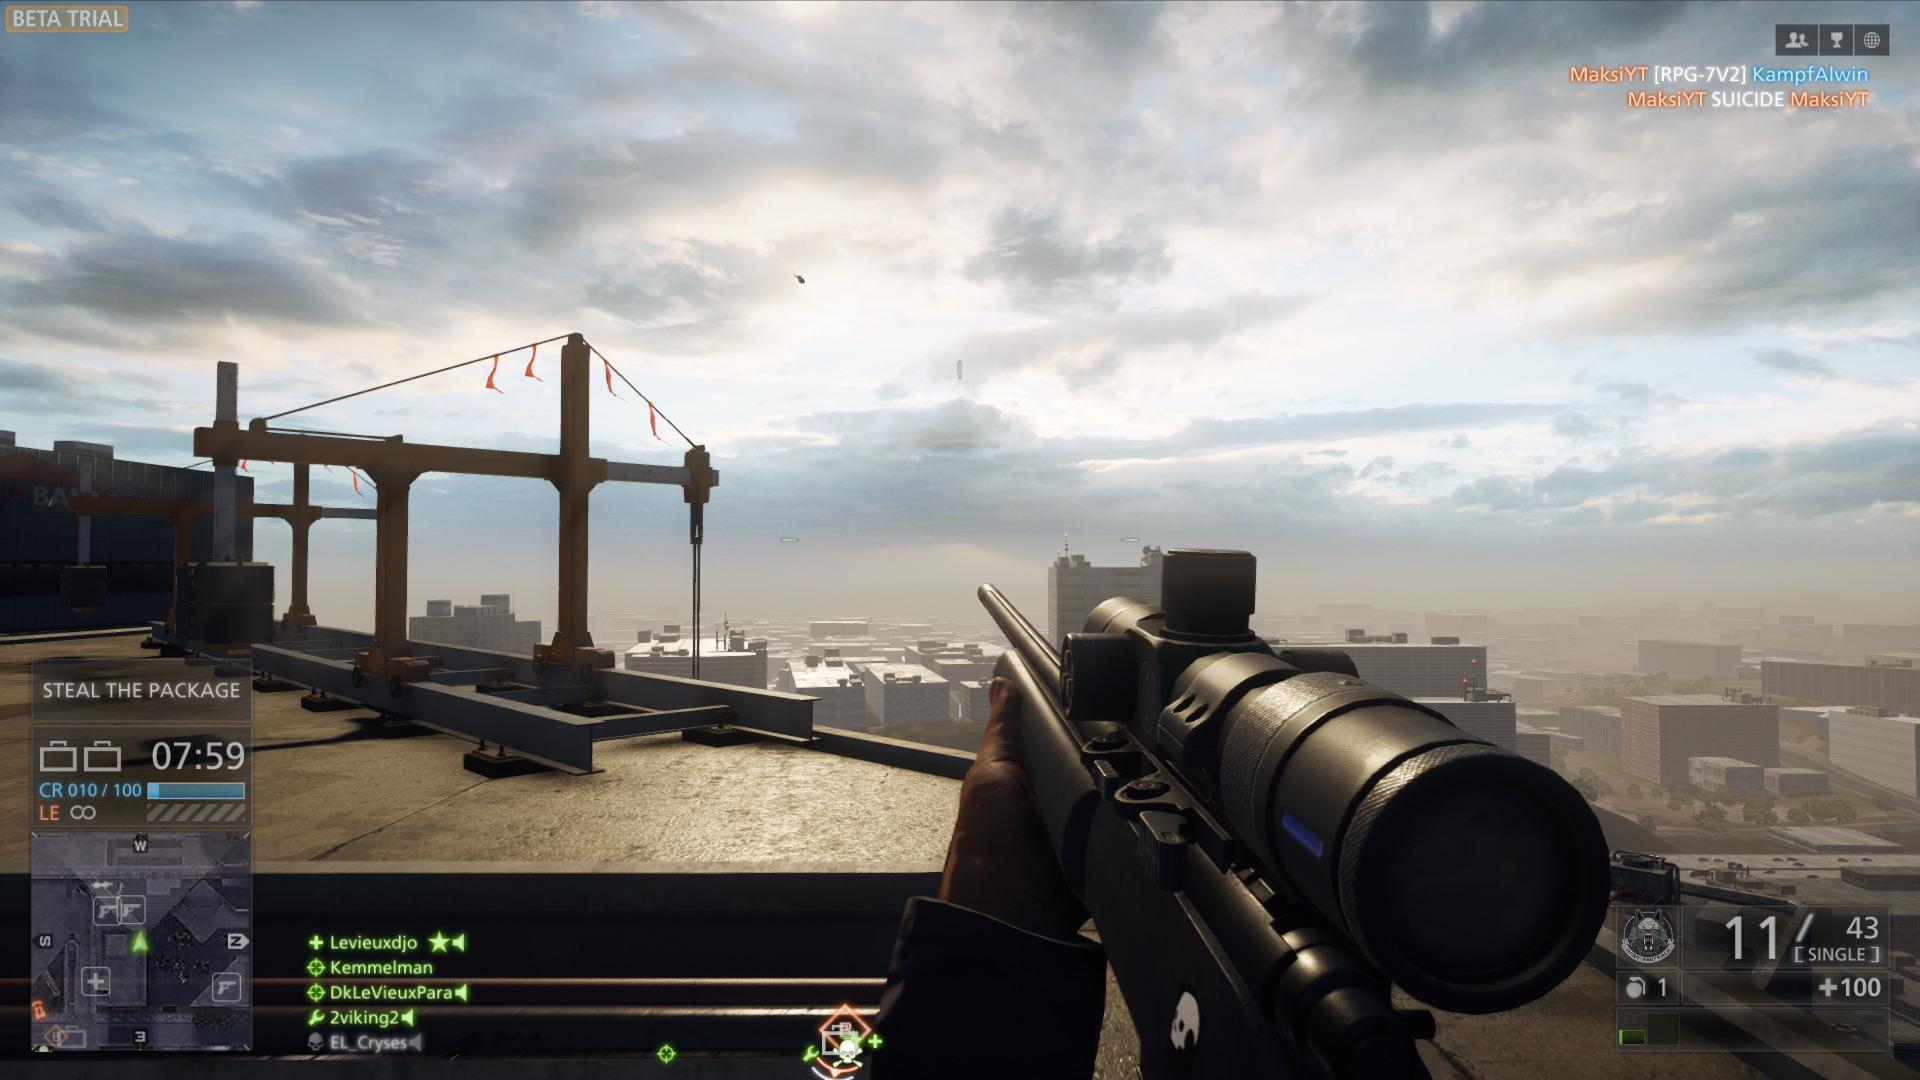 Fjase rundt på takene med en skikkelig rifle er det gode muligheter for.